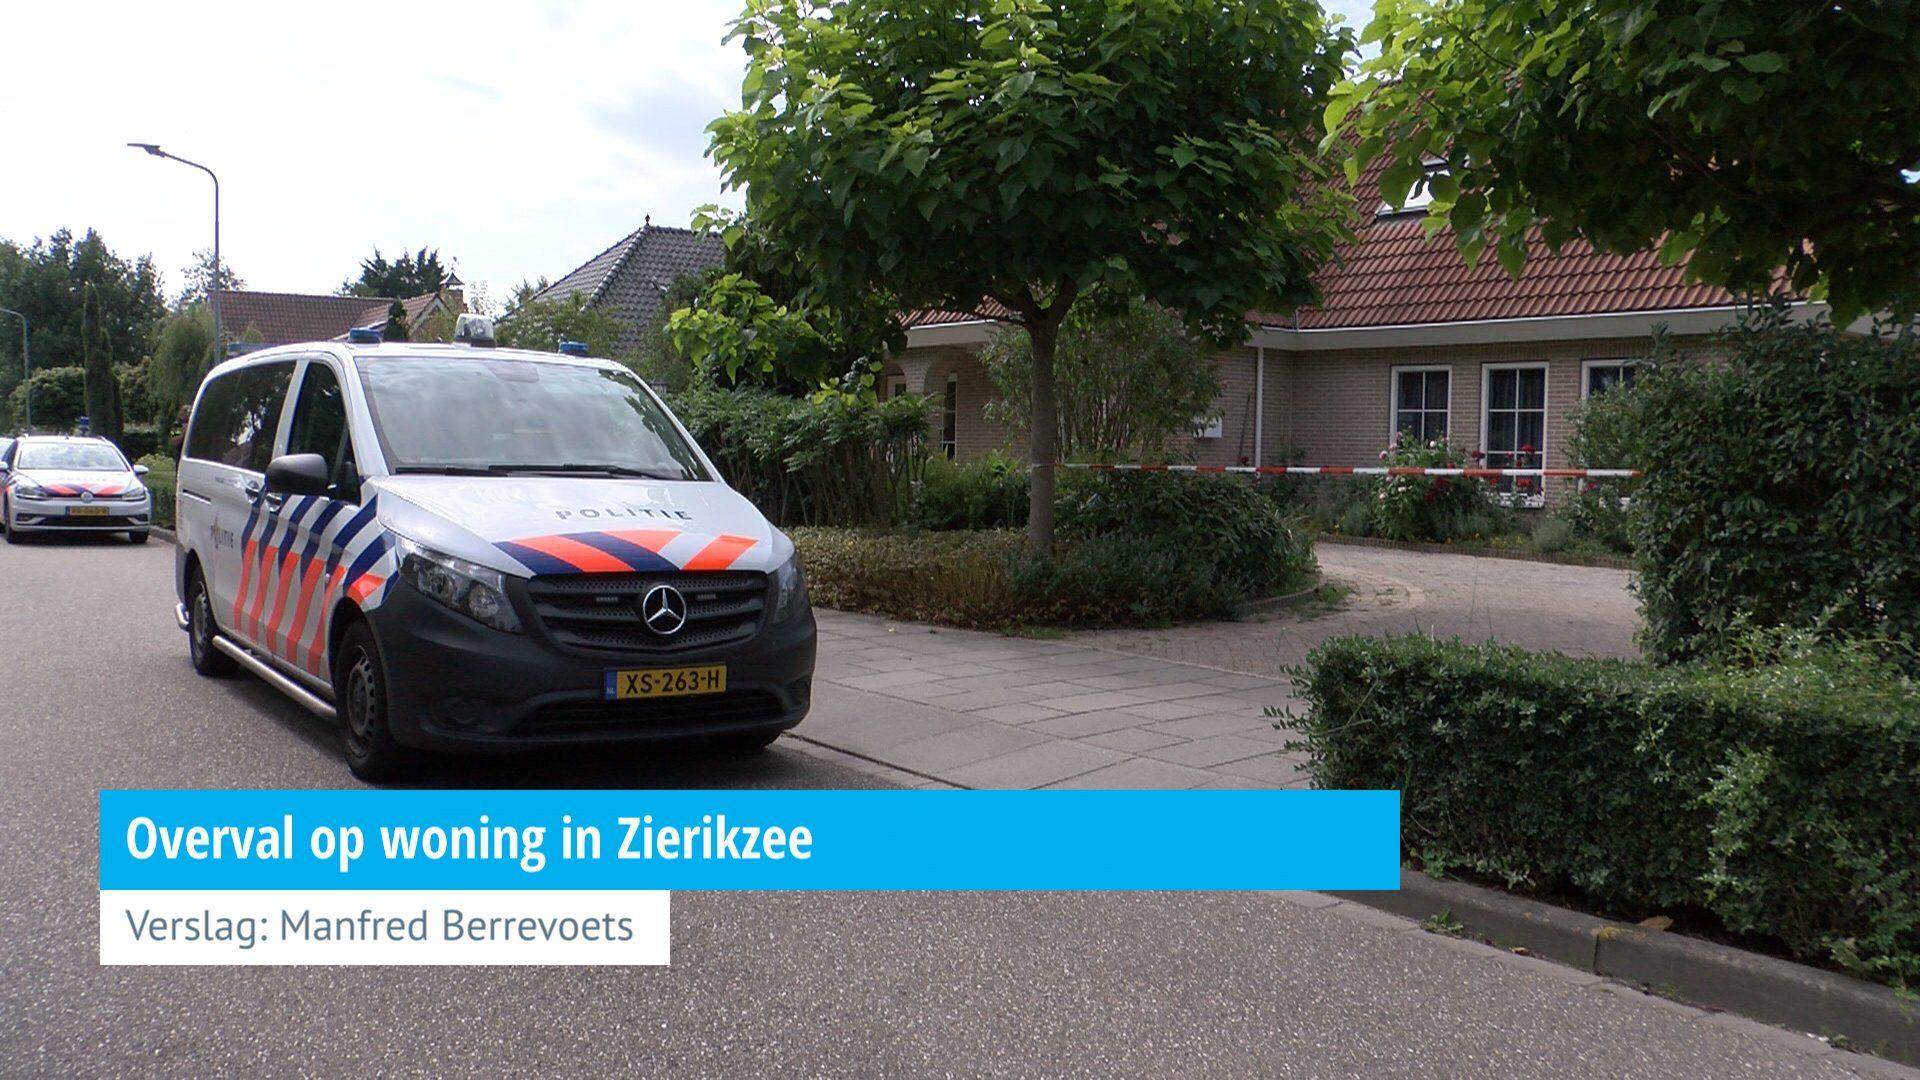 Overval op woning in Zierikzee - HVZeeland - Nieuws en